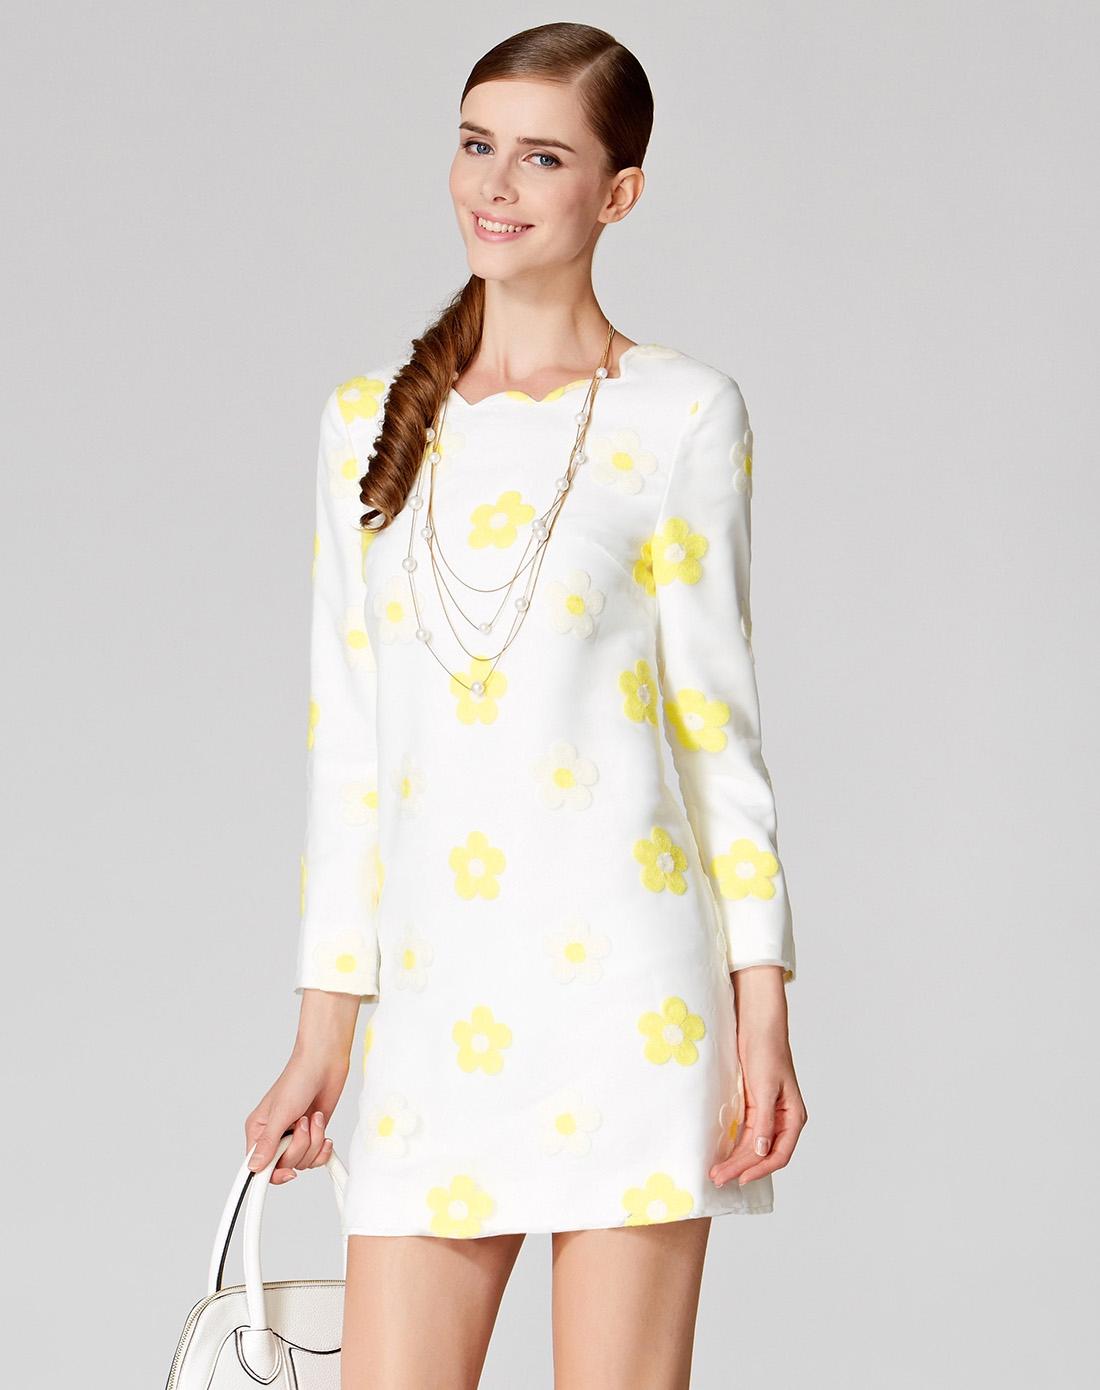 白色长袖连衣裙图片